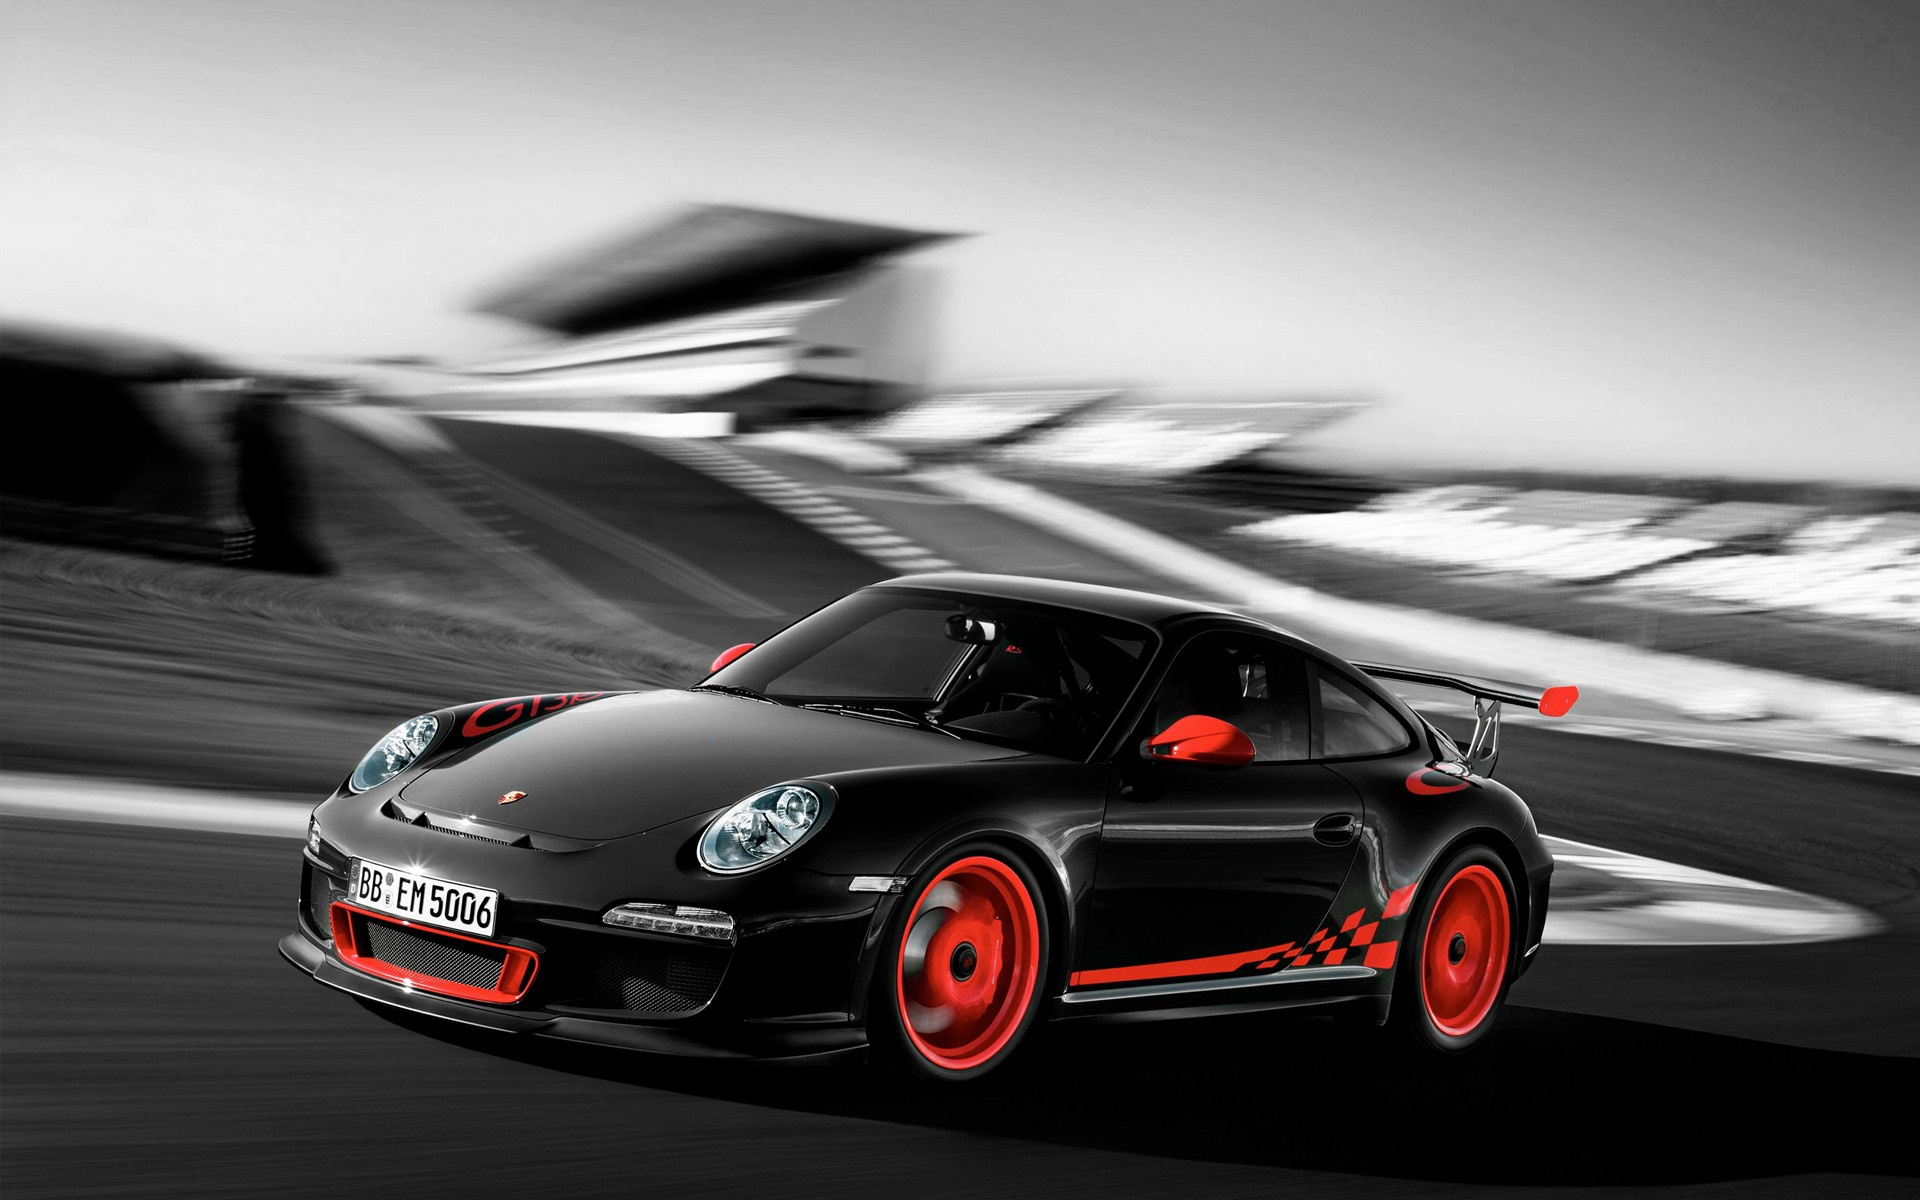 Porsche 911 Gt3 Rs Full Hd Wallpaper